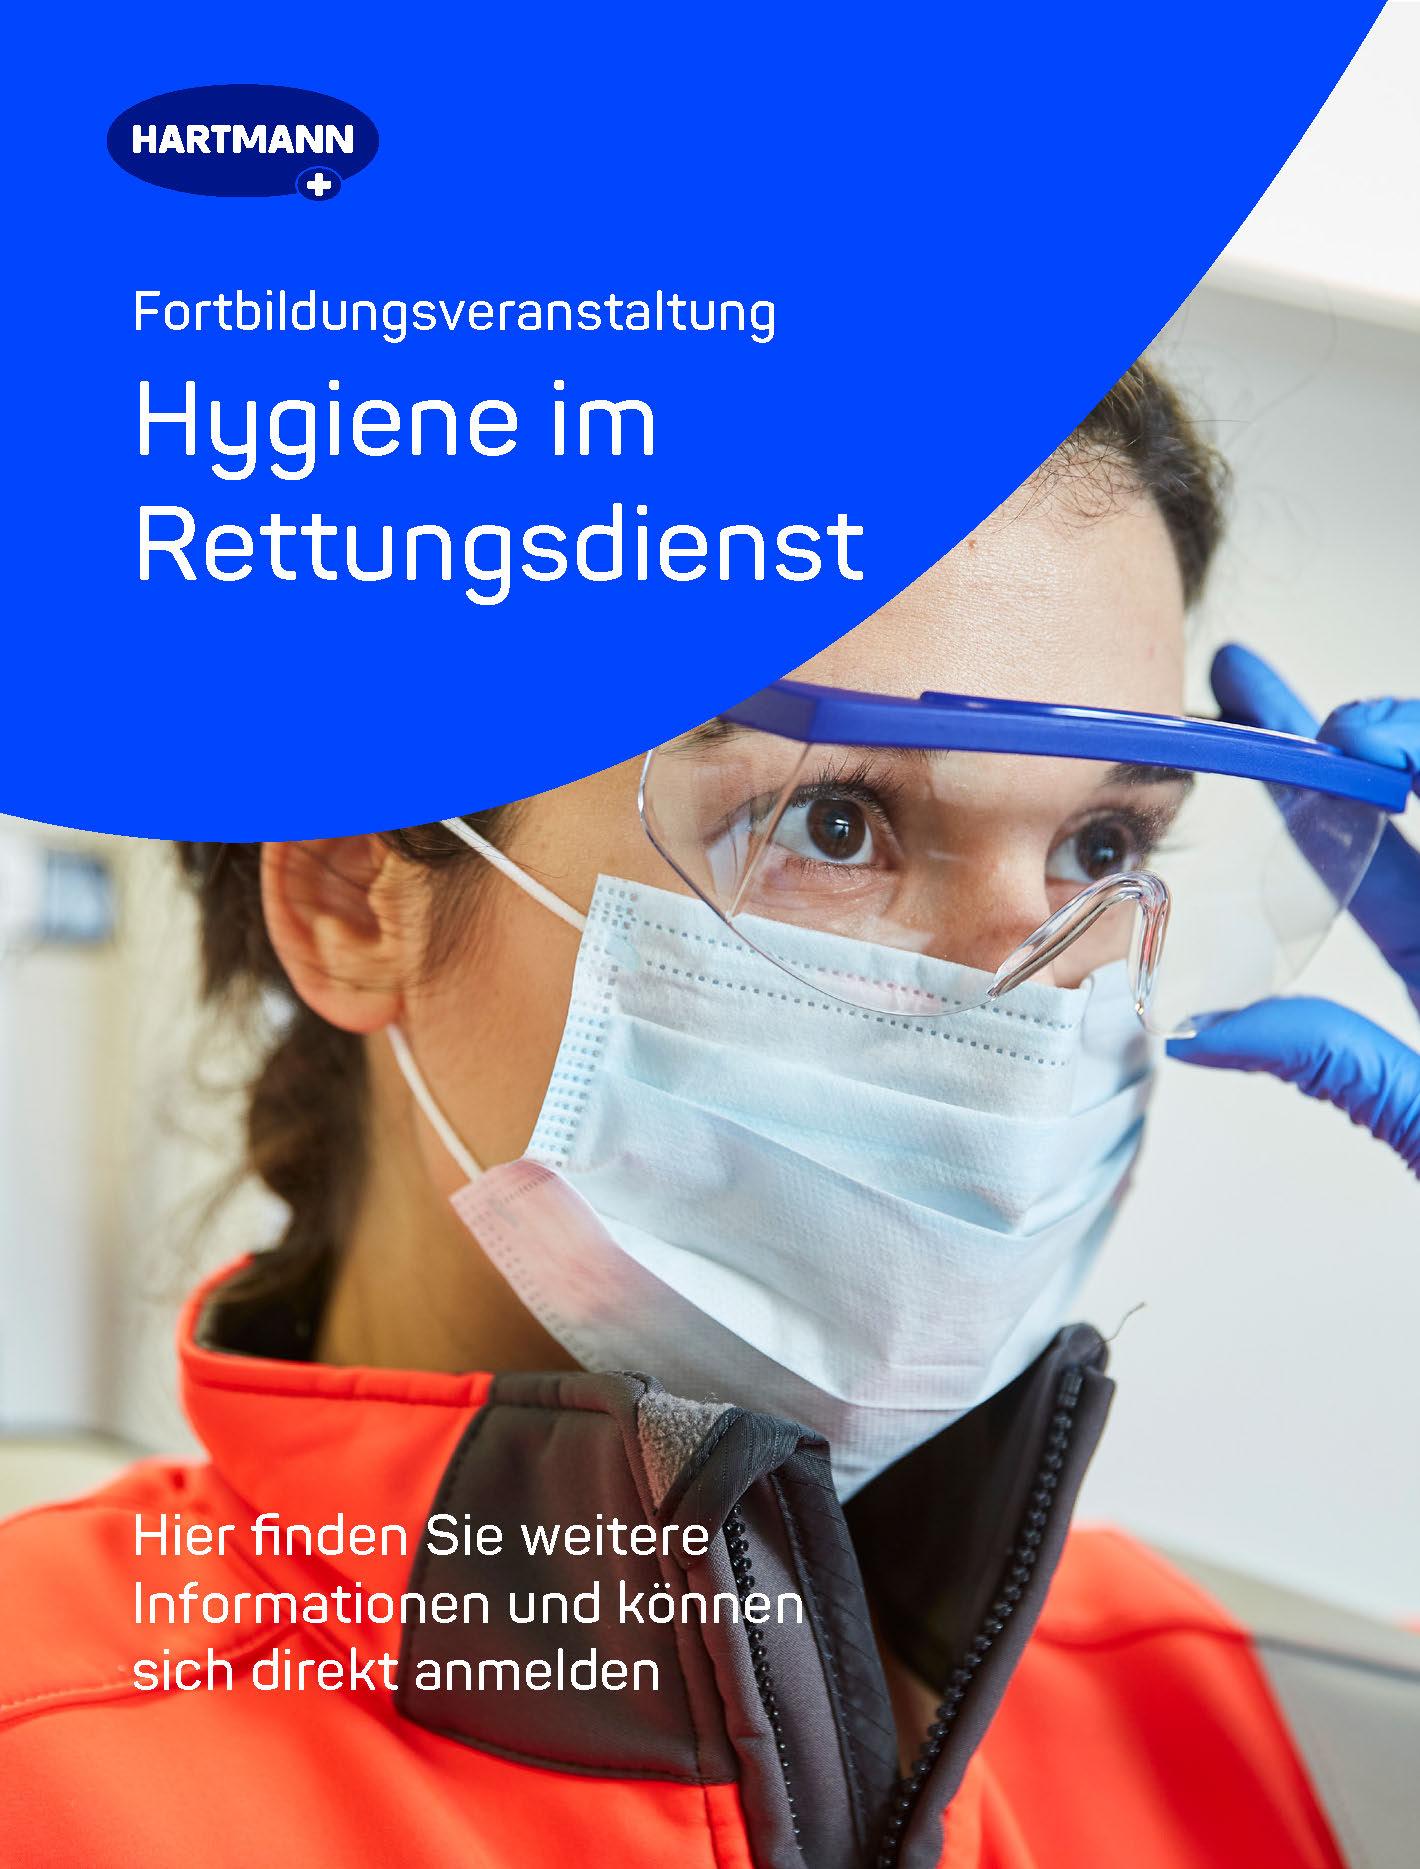 medida-blog_hygiene-im-rettungsdienst